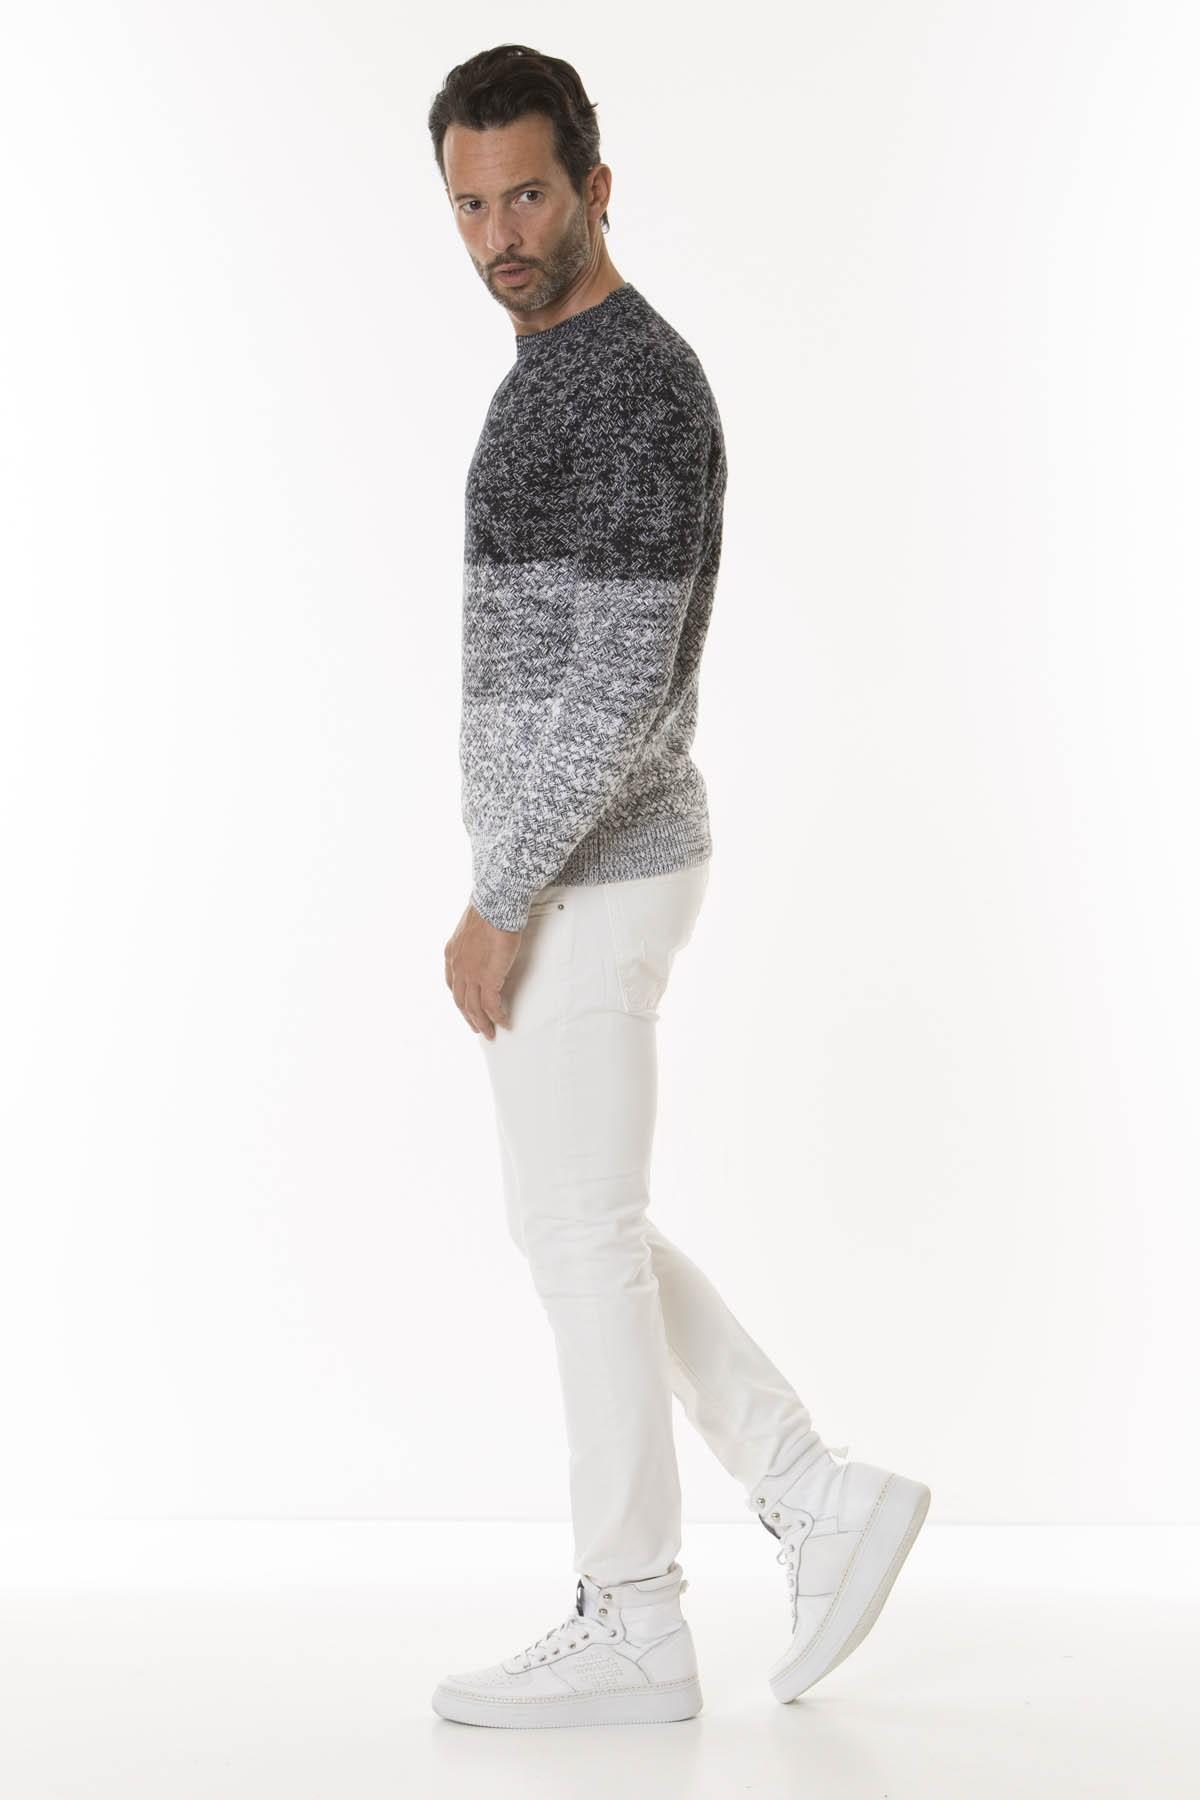 Maglione per uomo ANTONY MORATO AI 18 19